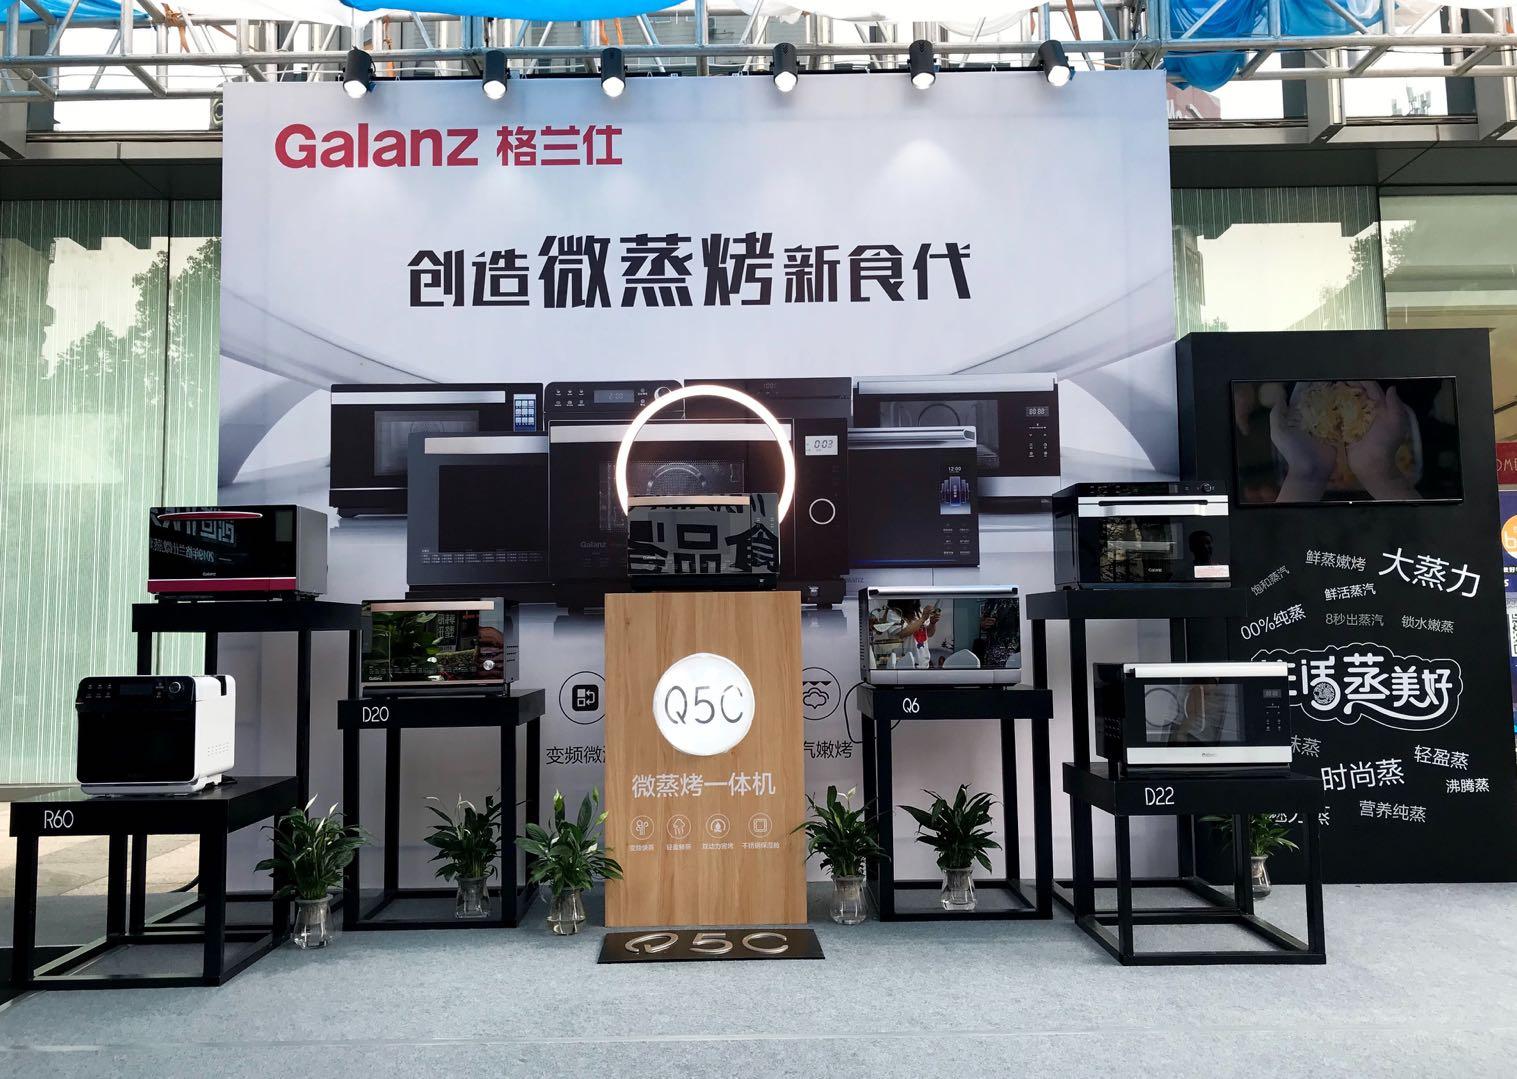 强强联合扩大内需! 格兰仕携手苏宁易购全球首发微蒸烤一体机Q5C